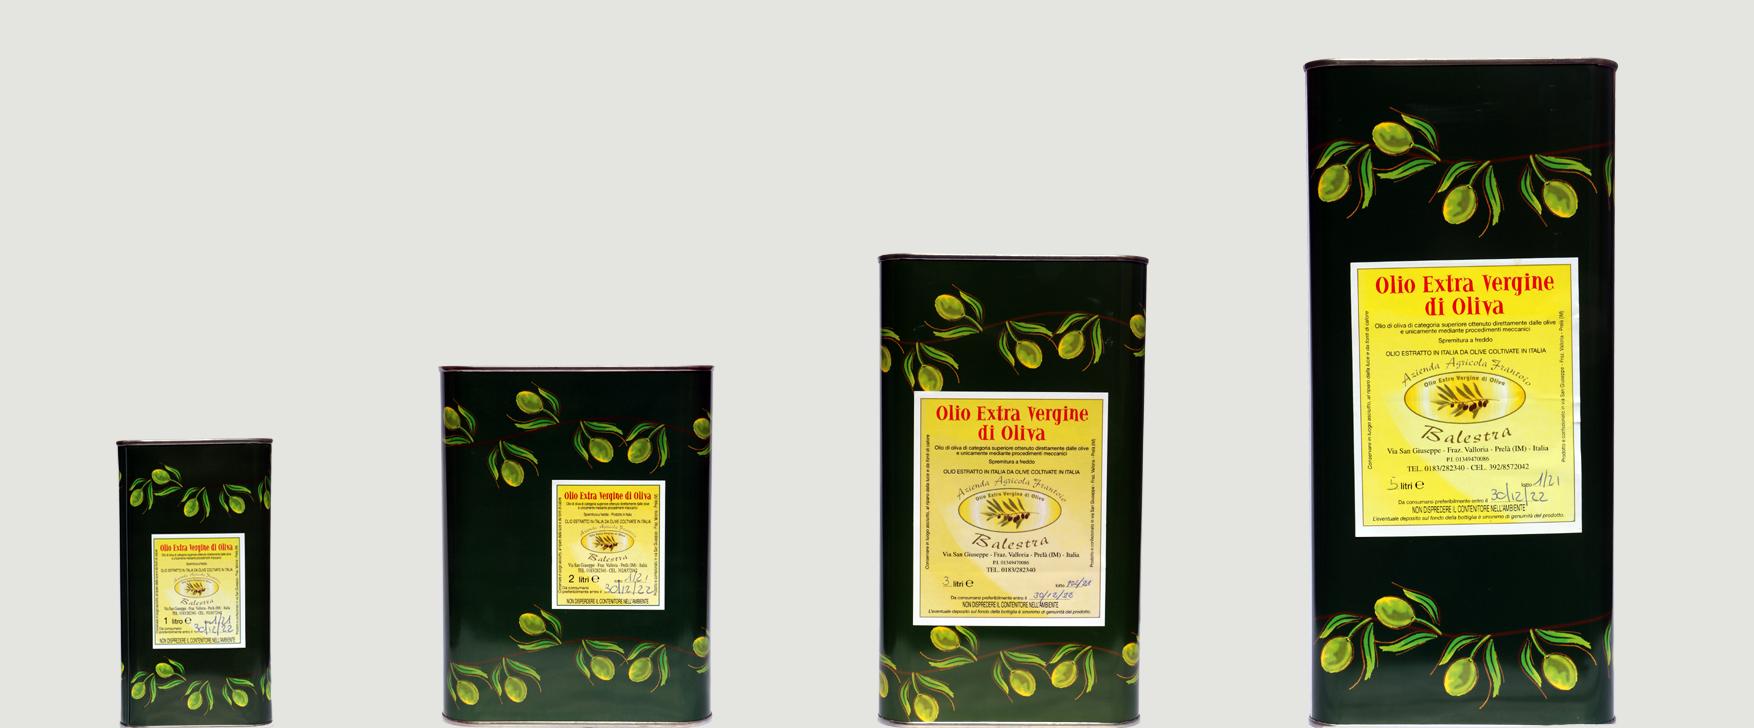 Olio extra Vergine di Olive in lattina (1,2,3,5 litri)